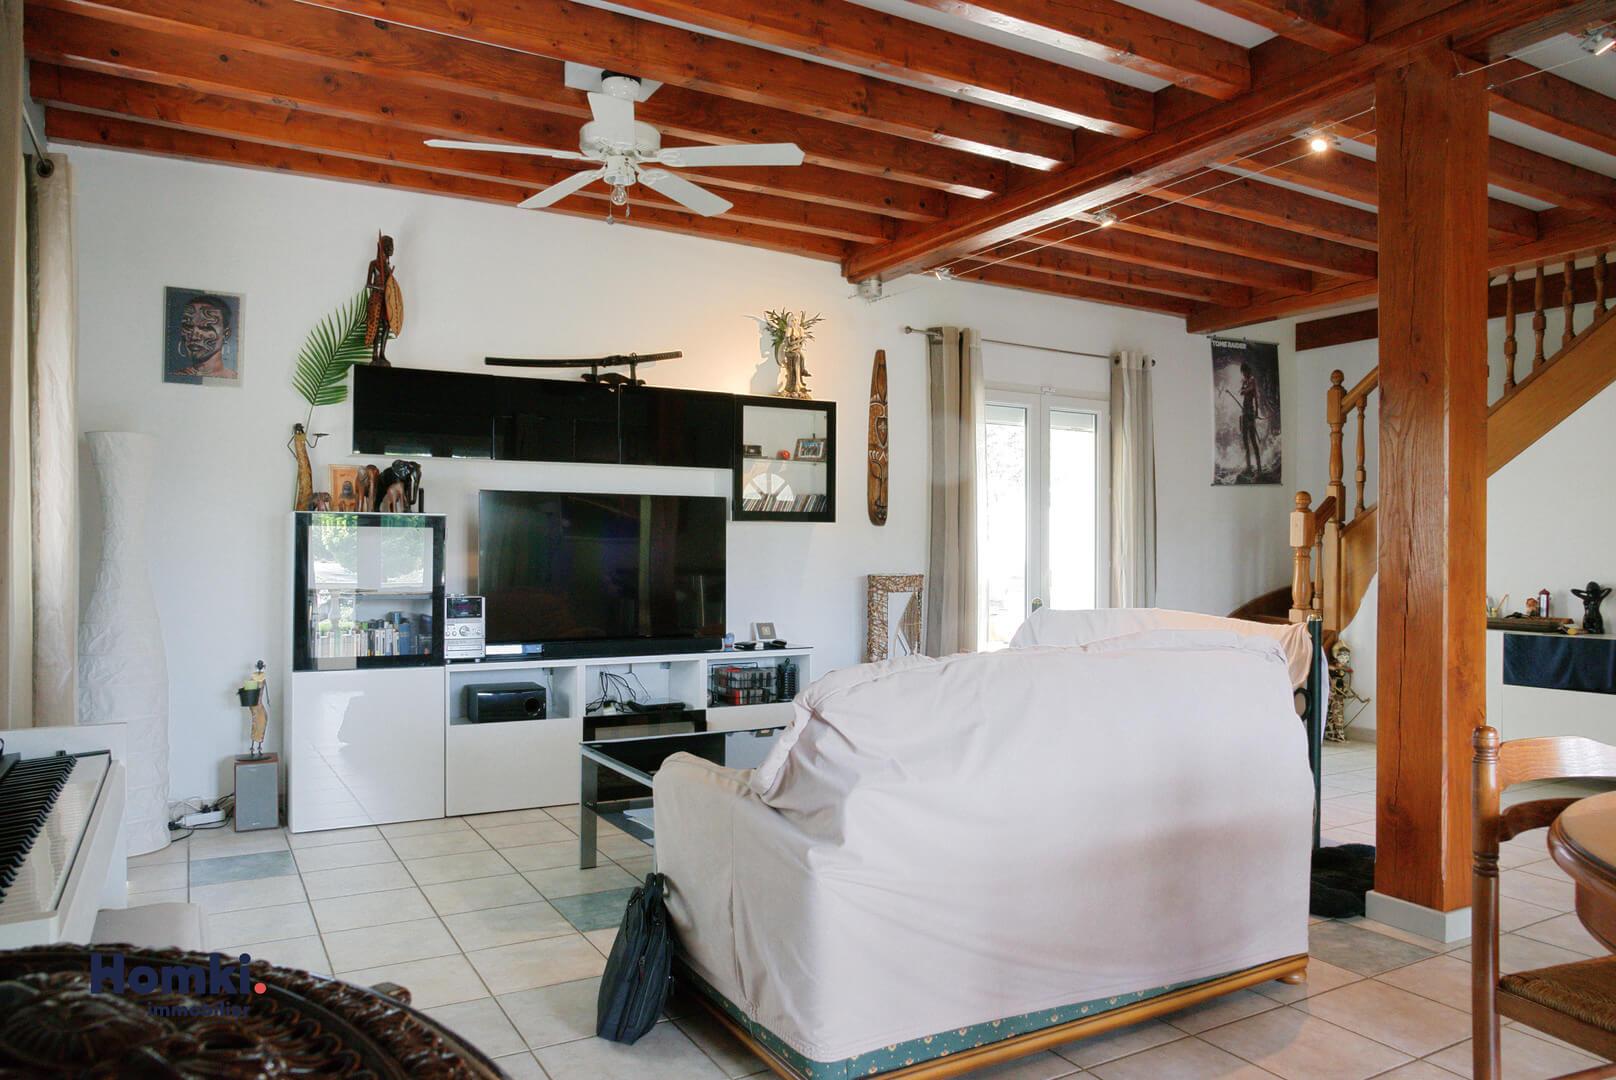 Vente maison 150m² T5 38270_3